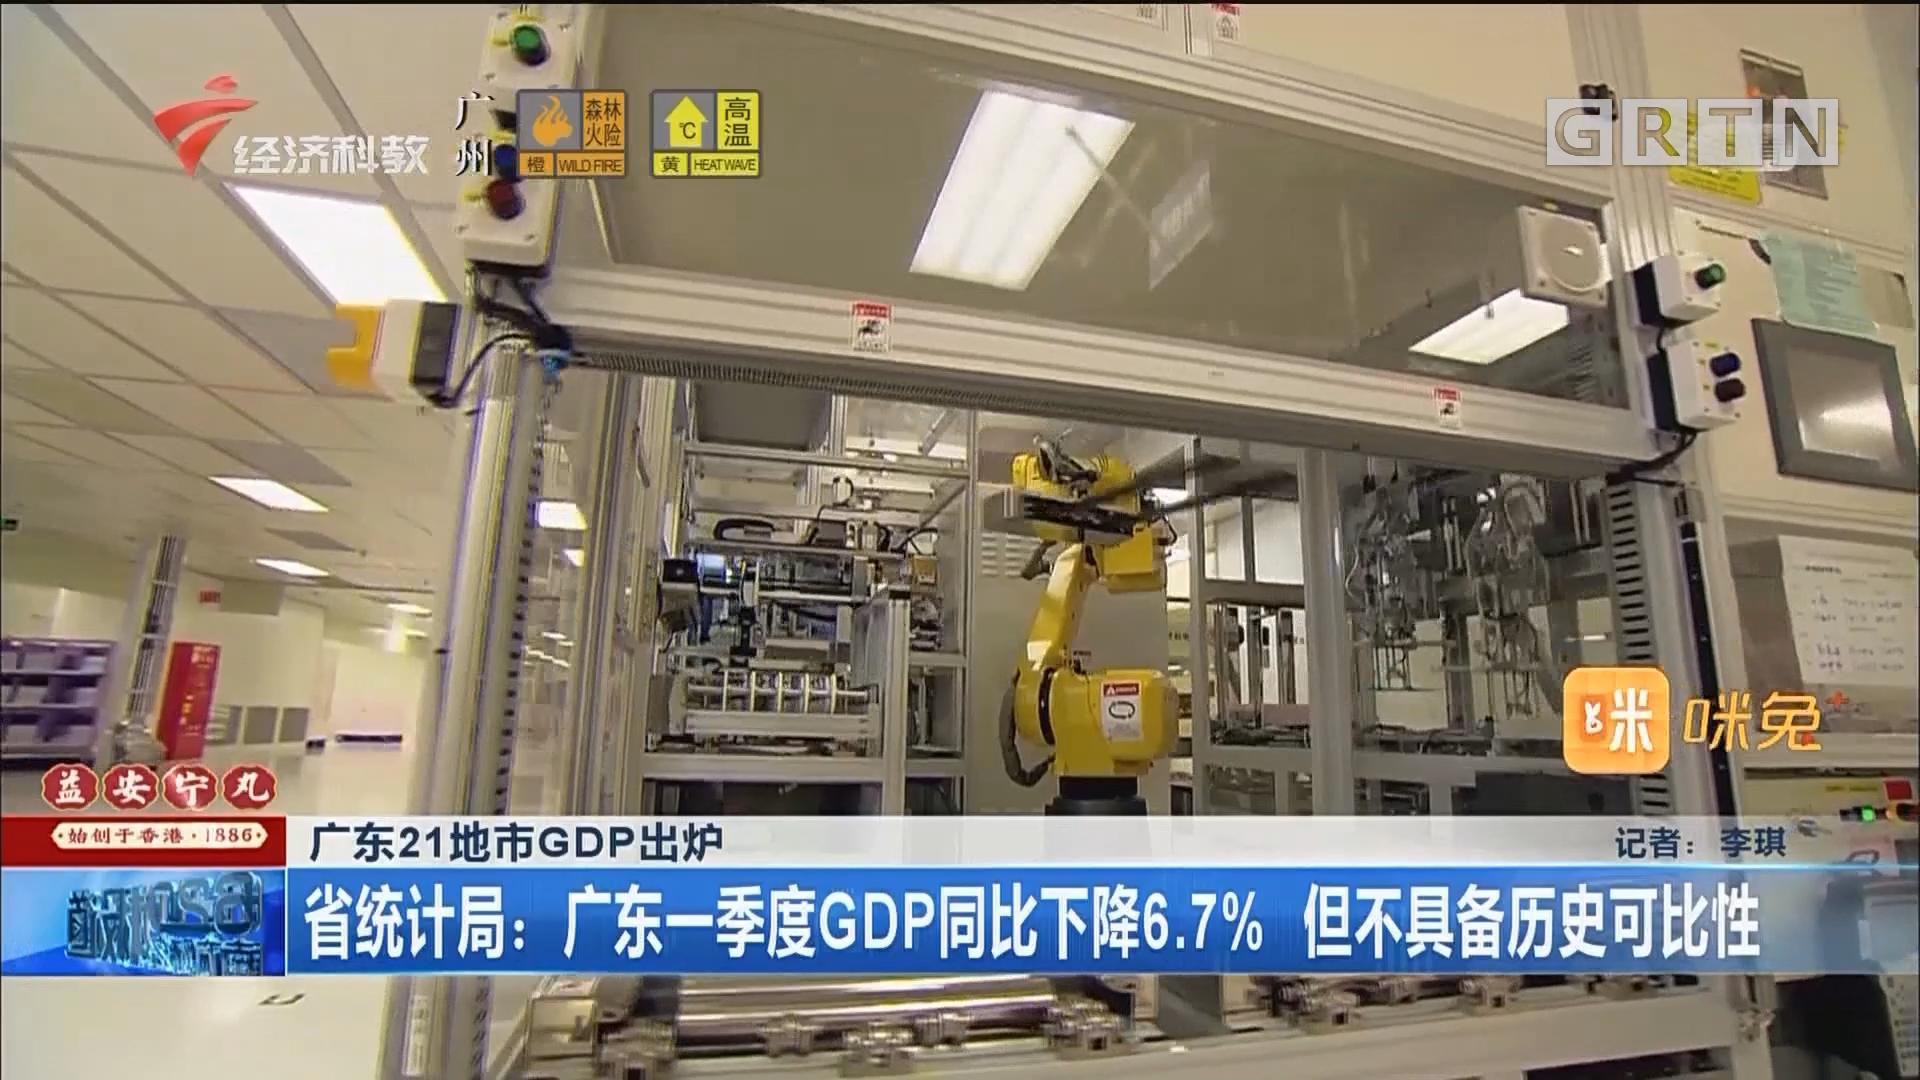 廣東21地市GDP出爐 省統計局:廣東一季度GDP同比下降6.7% 但不具備歷史可比性